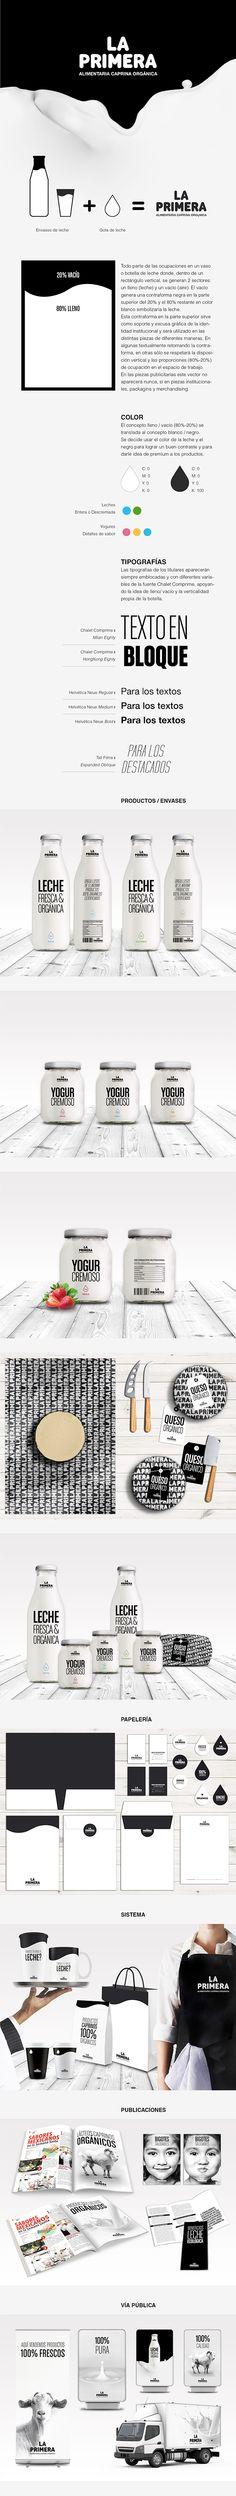 Proyecto de realización de la identidad institucional de La Primera, marca de productos orgánicos de primera calidad.